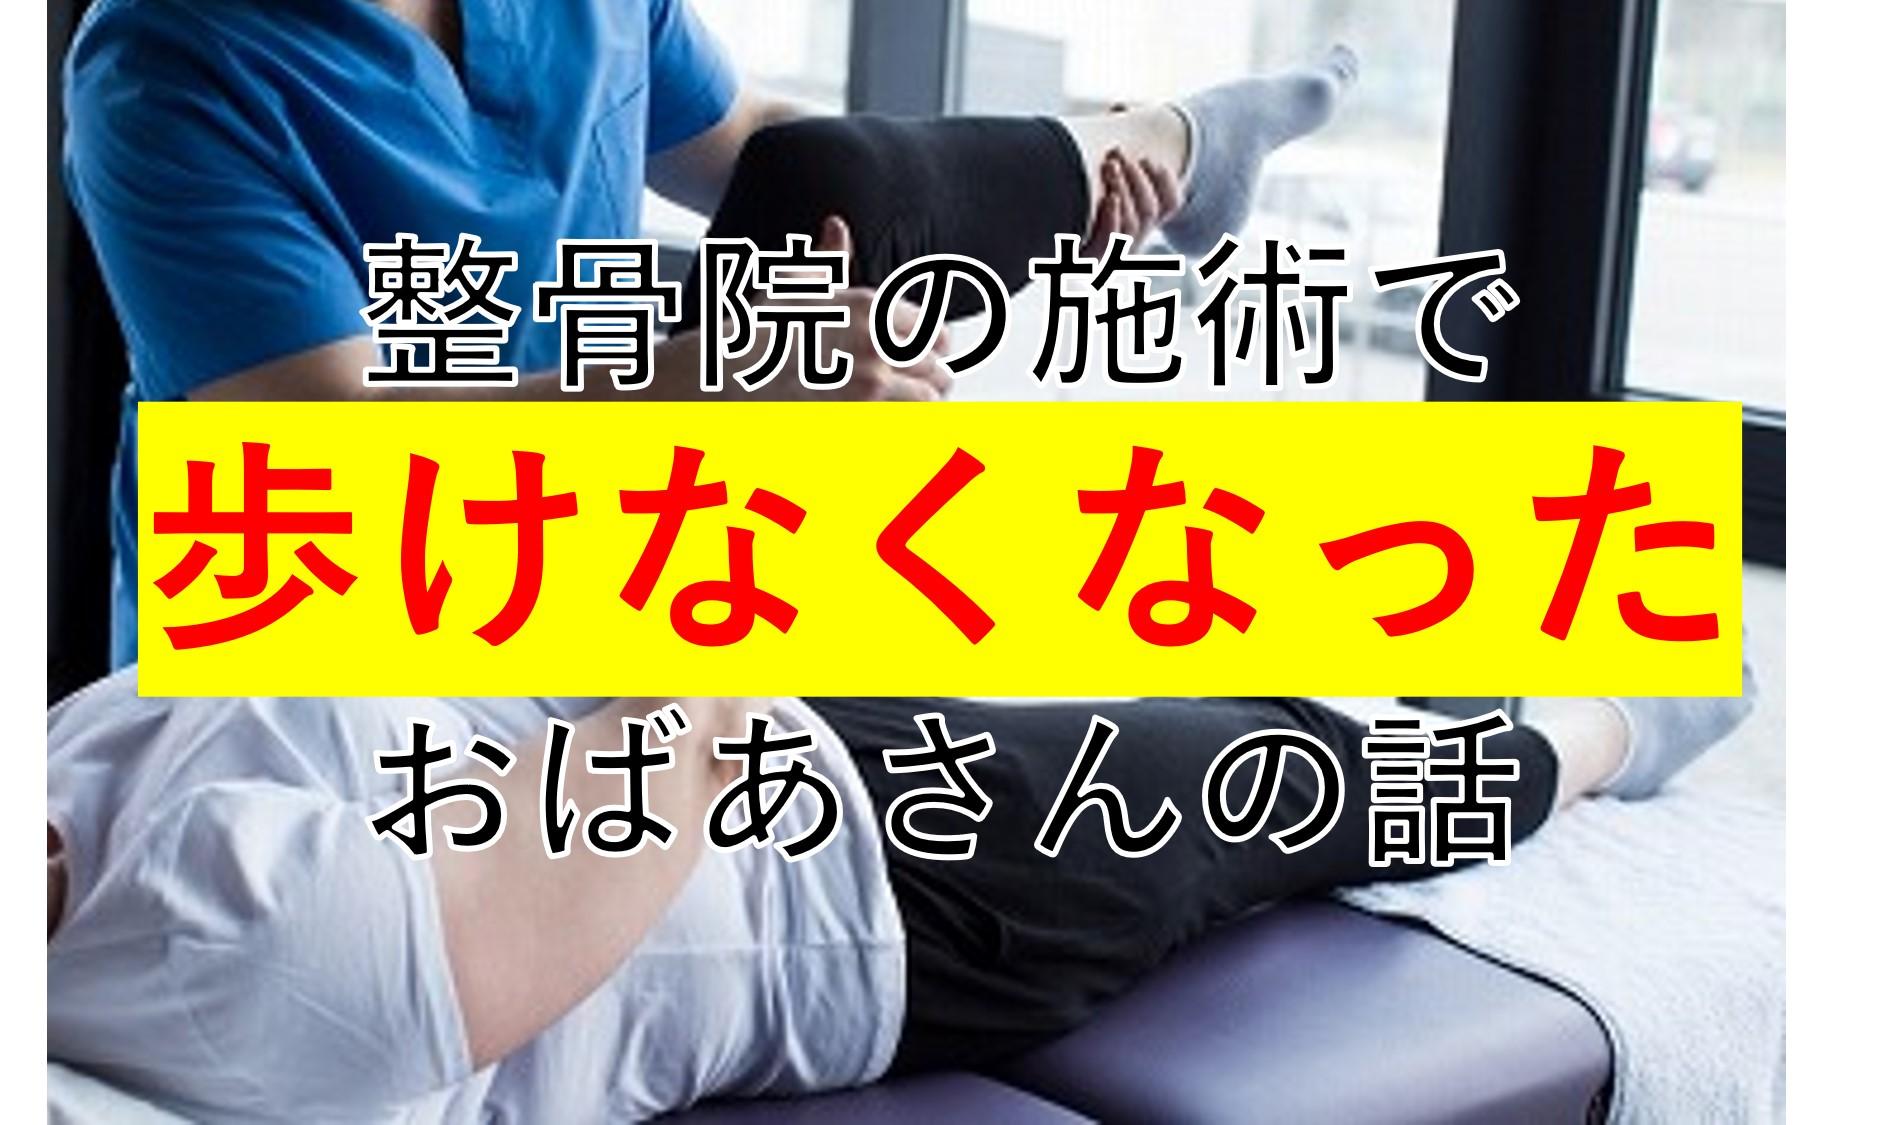 足を動かして施術する整体師